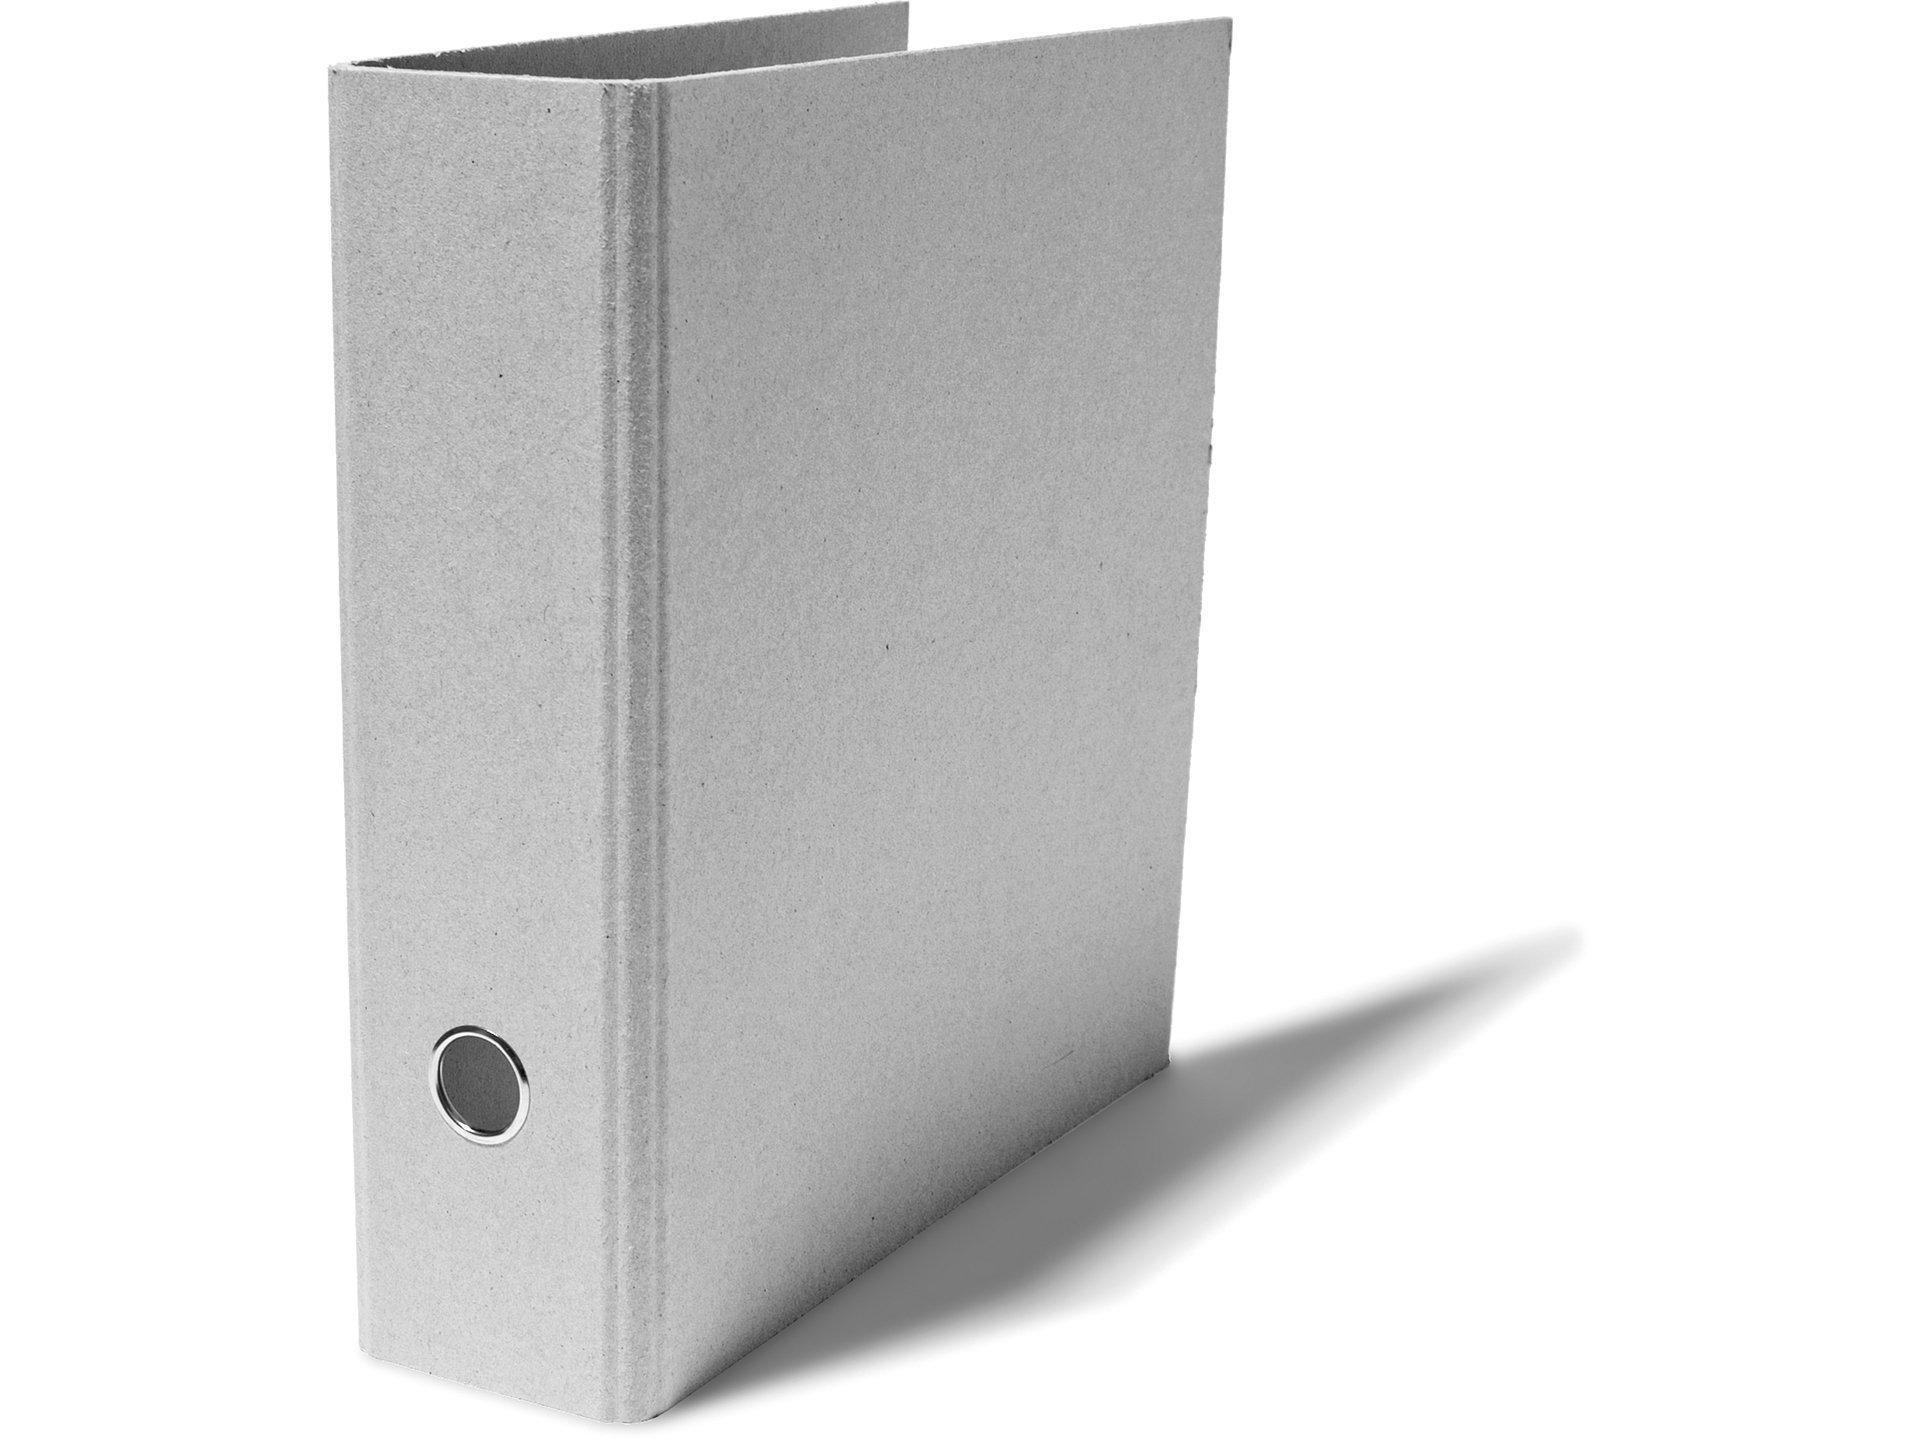 Modulor Ordner Graukarton Online Kaufen Modulor